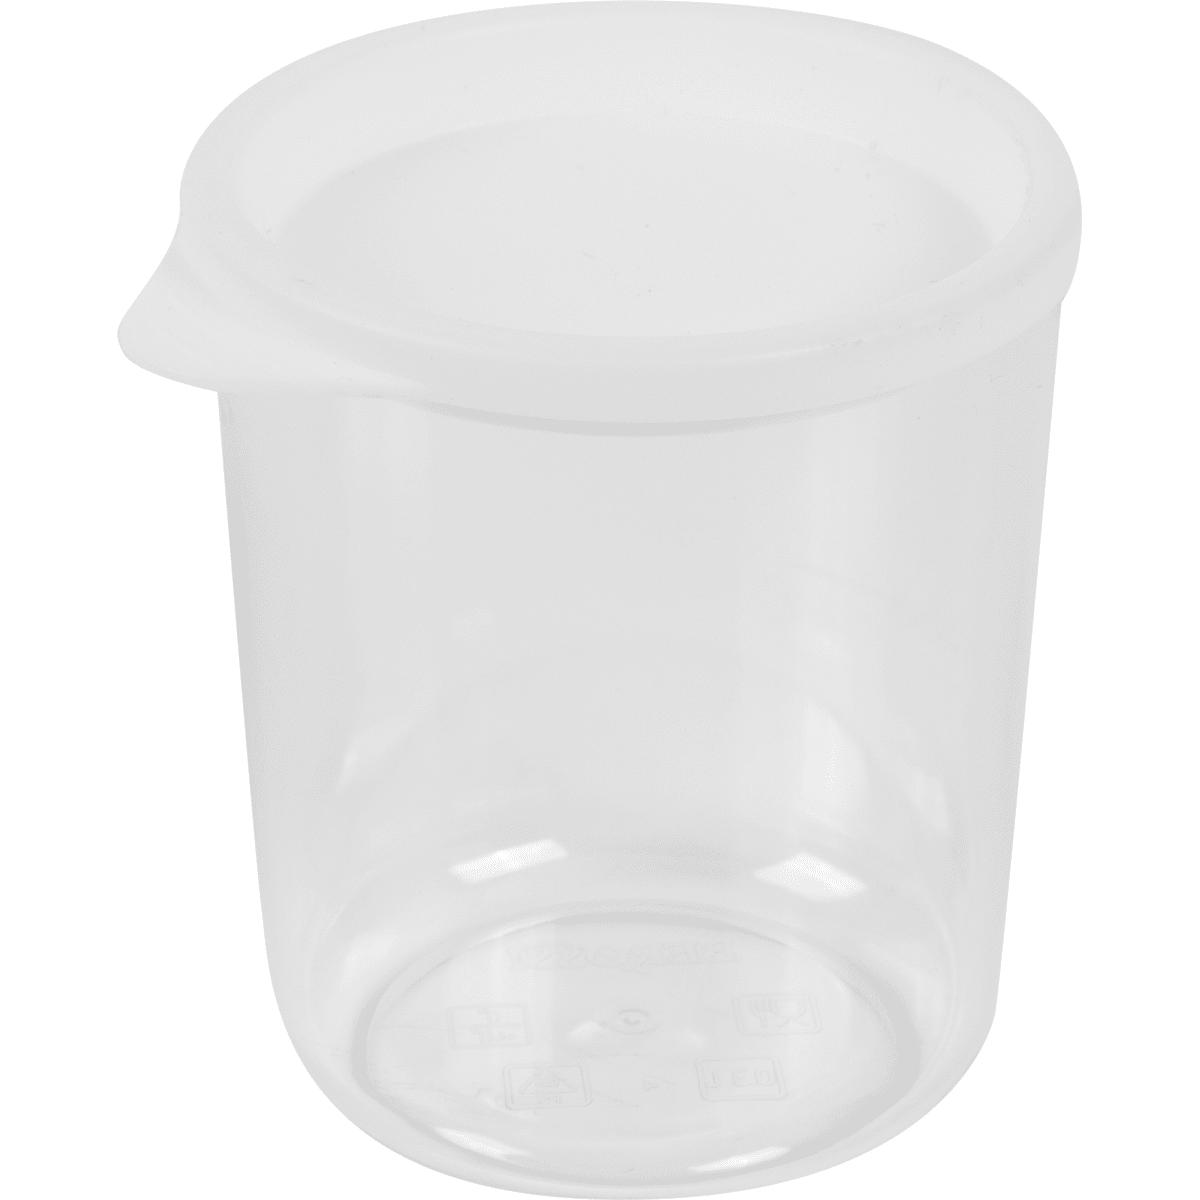 Банка для сыпучих продуктов 0.3 л, цвет белый